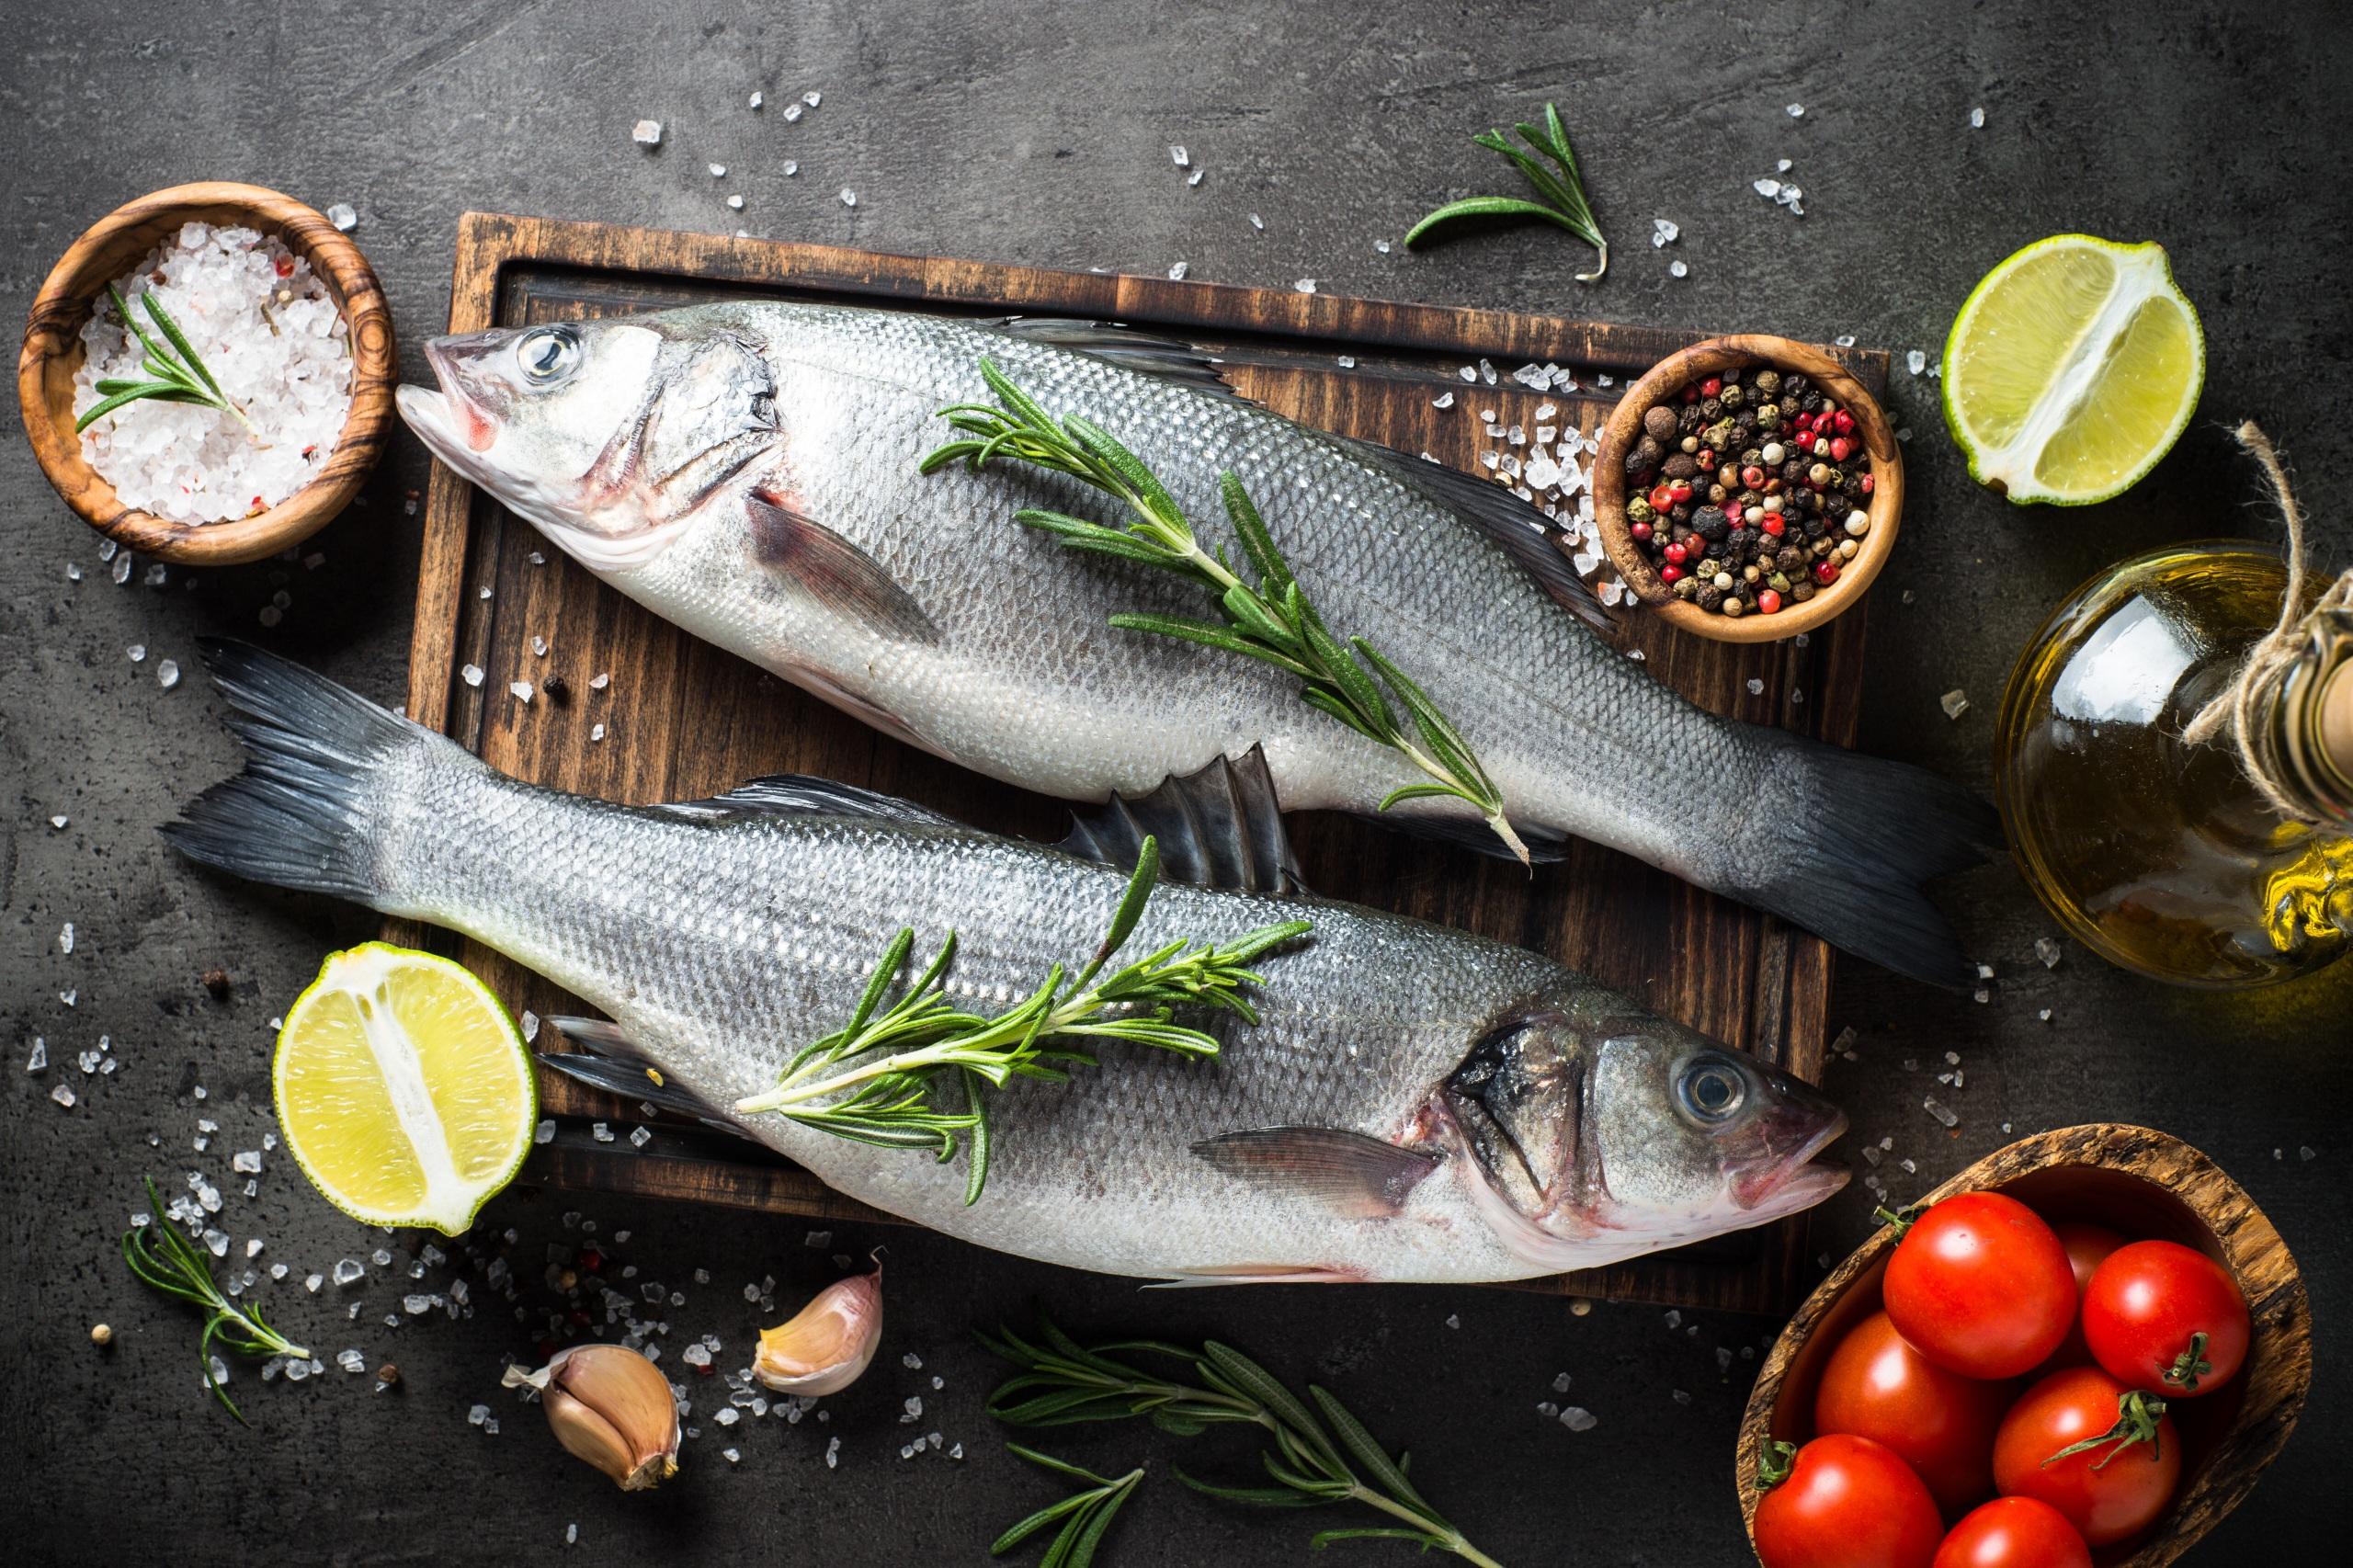 Фотографии 2 Лайм Томаты Перец чёрный Рыба соли Чеснок Пища Разделочная доска 2560x1706 два две Двое вдвоем Помидоры Соль солью Еда Продукты питания